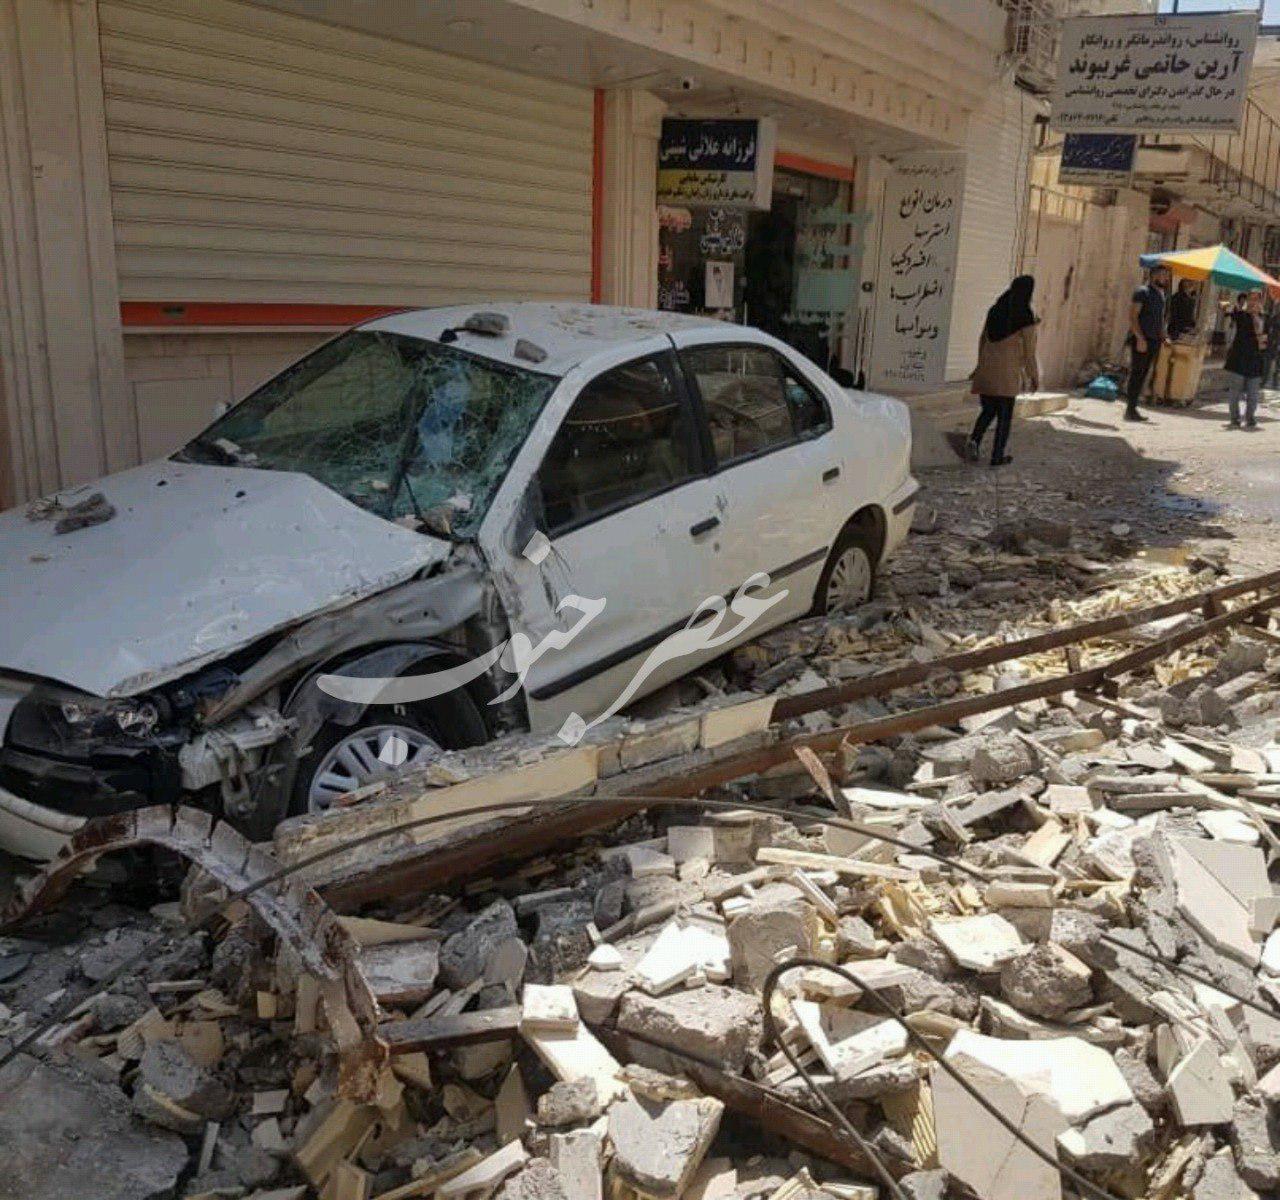 زلزله شدید در خوزستان| همدان، لرستان، و شهرکرد هم لرزیدند